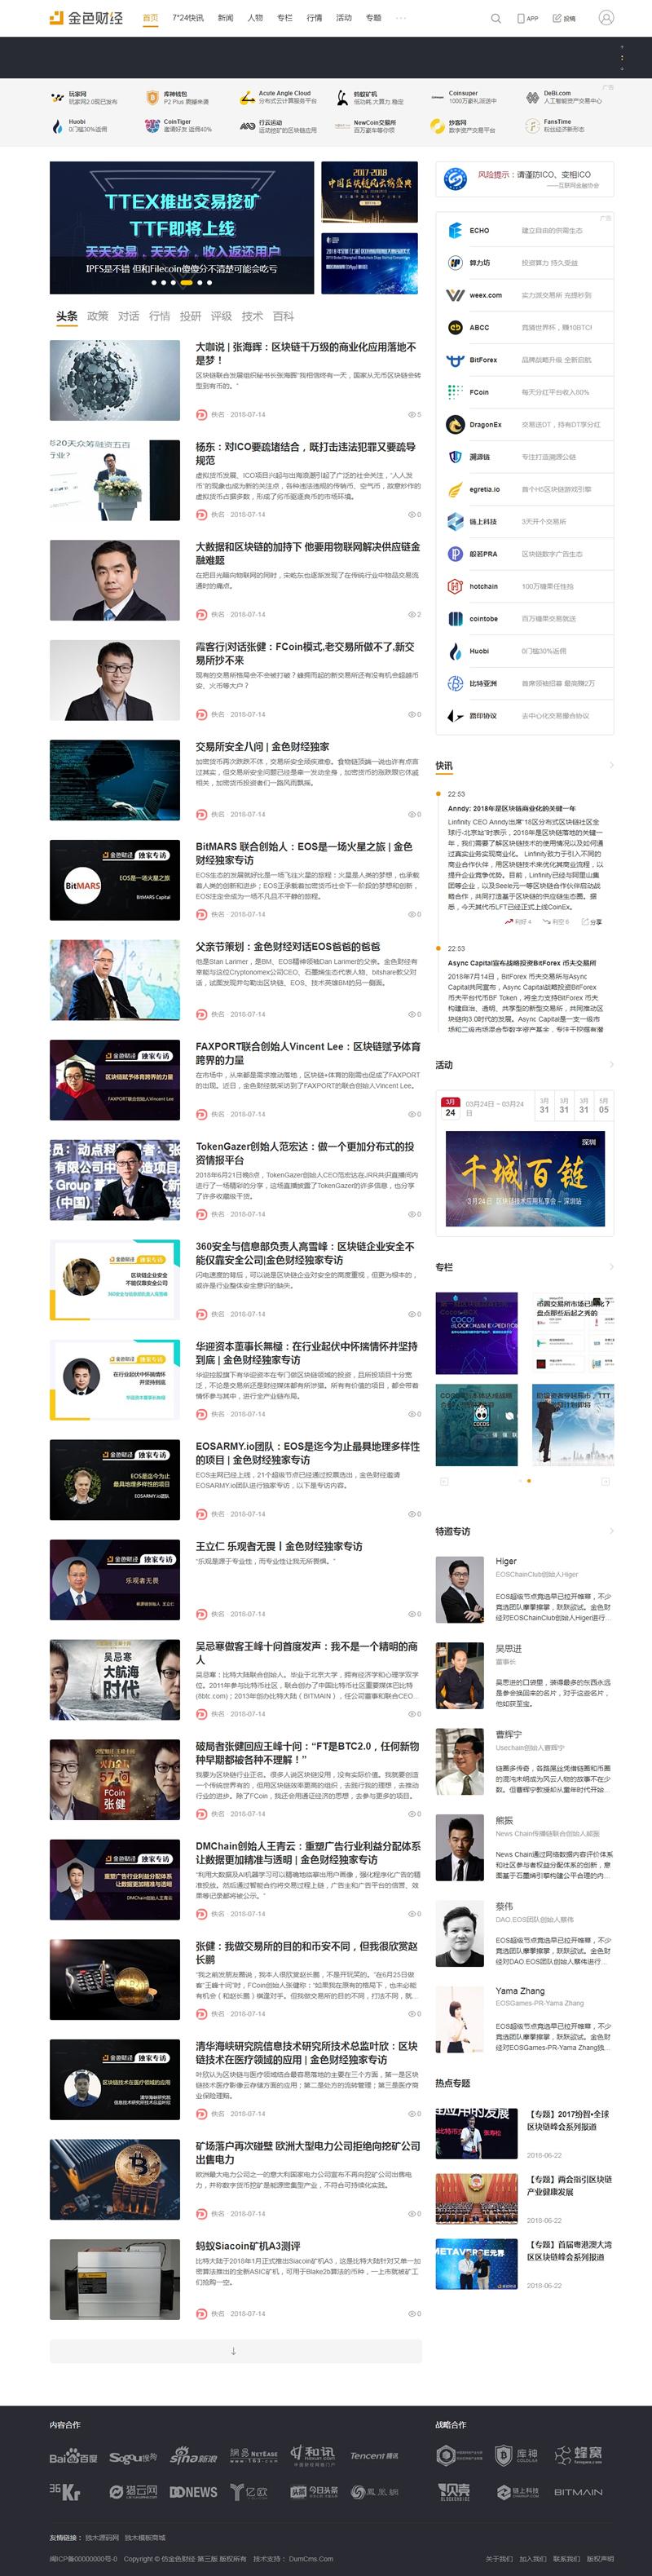 帝国CMS7.5仿《金色财经》2020新版整站财经综合门户源码+手机端+会员中心+投稿 第1张